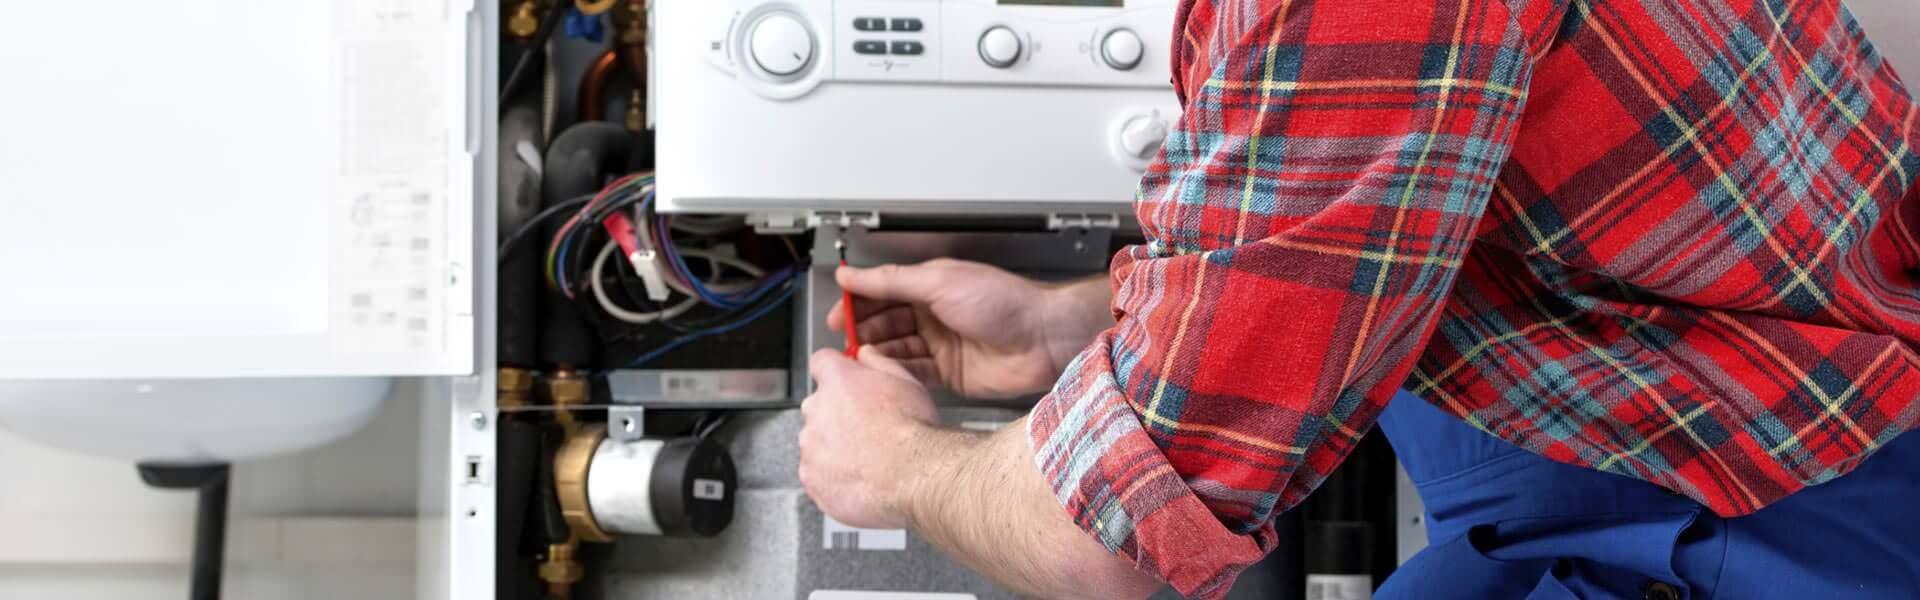 heating repair Jacksonville ar